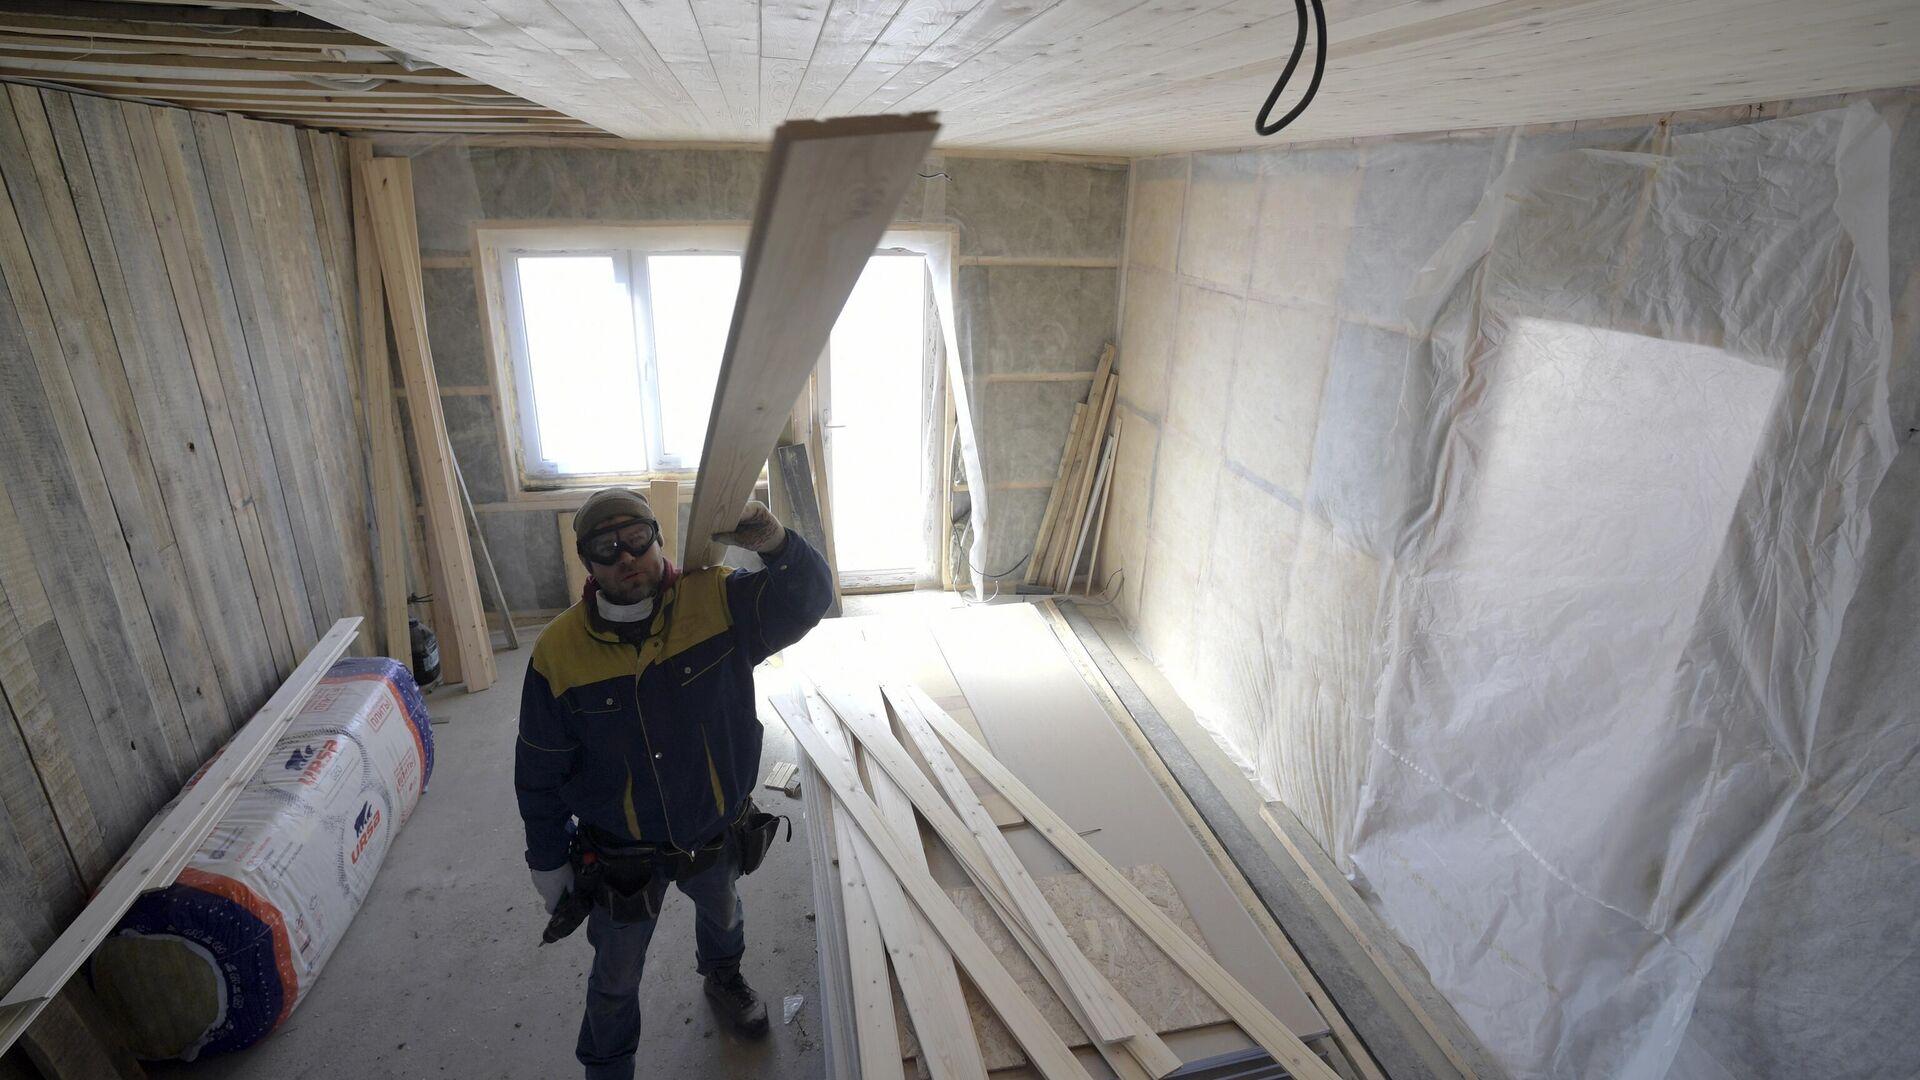 Строительство дома в Ленинградской области - РИА Новости, 1920, 26.11.2020